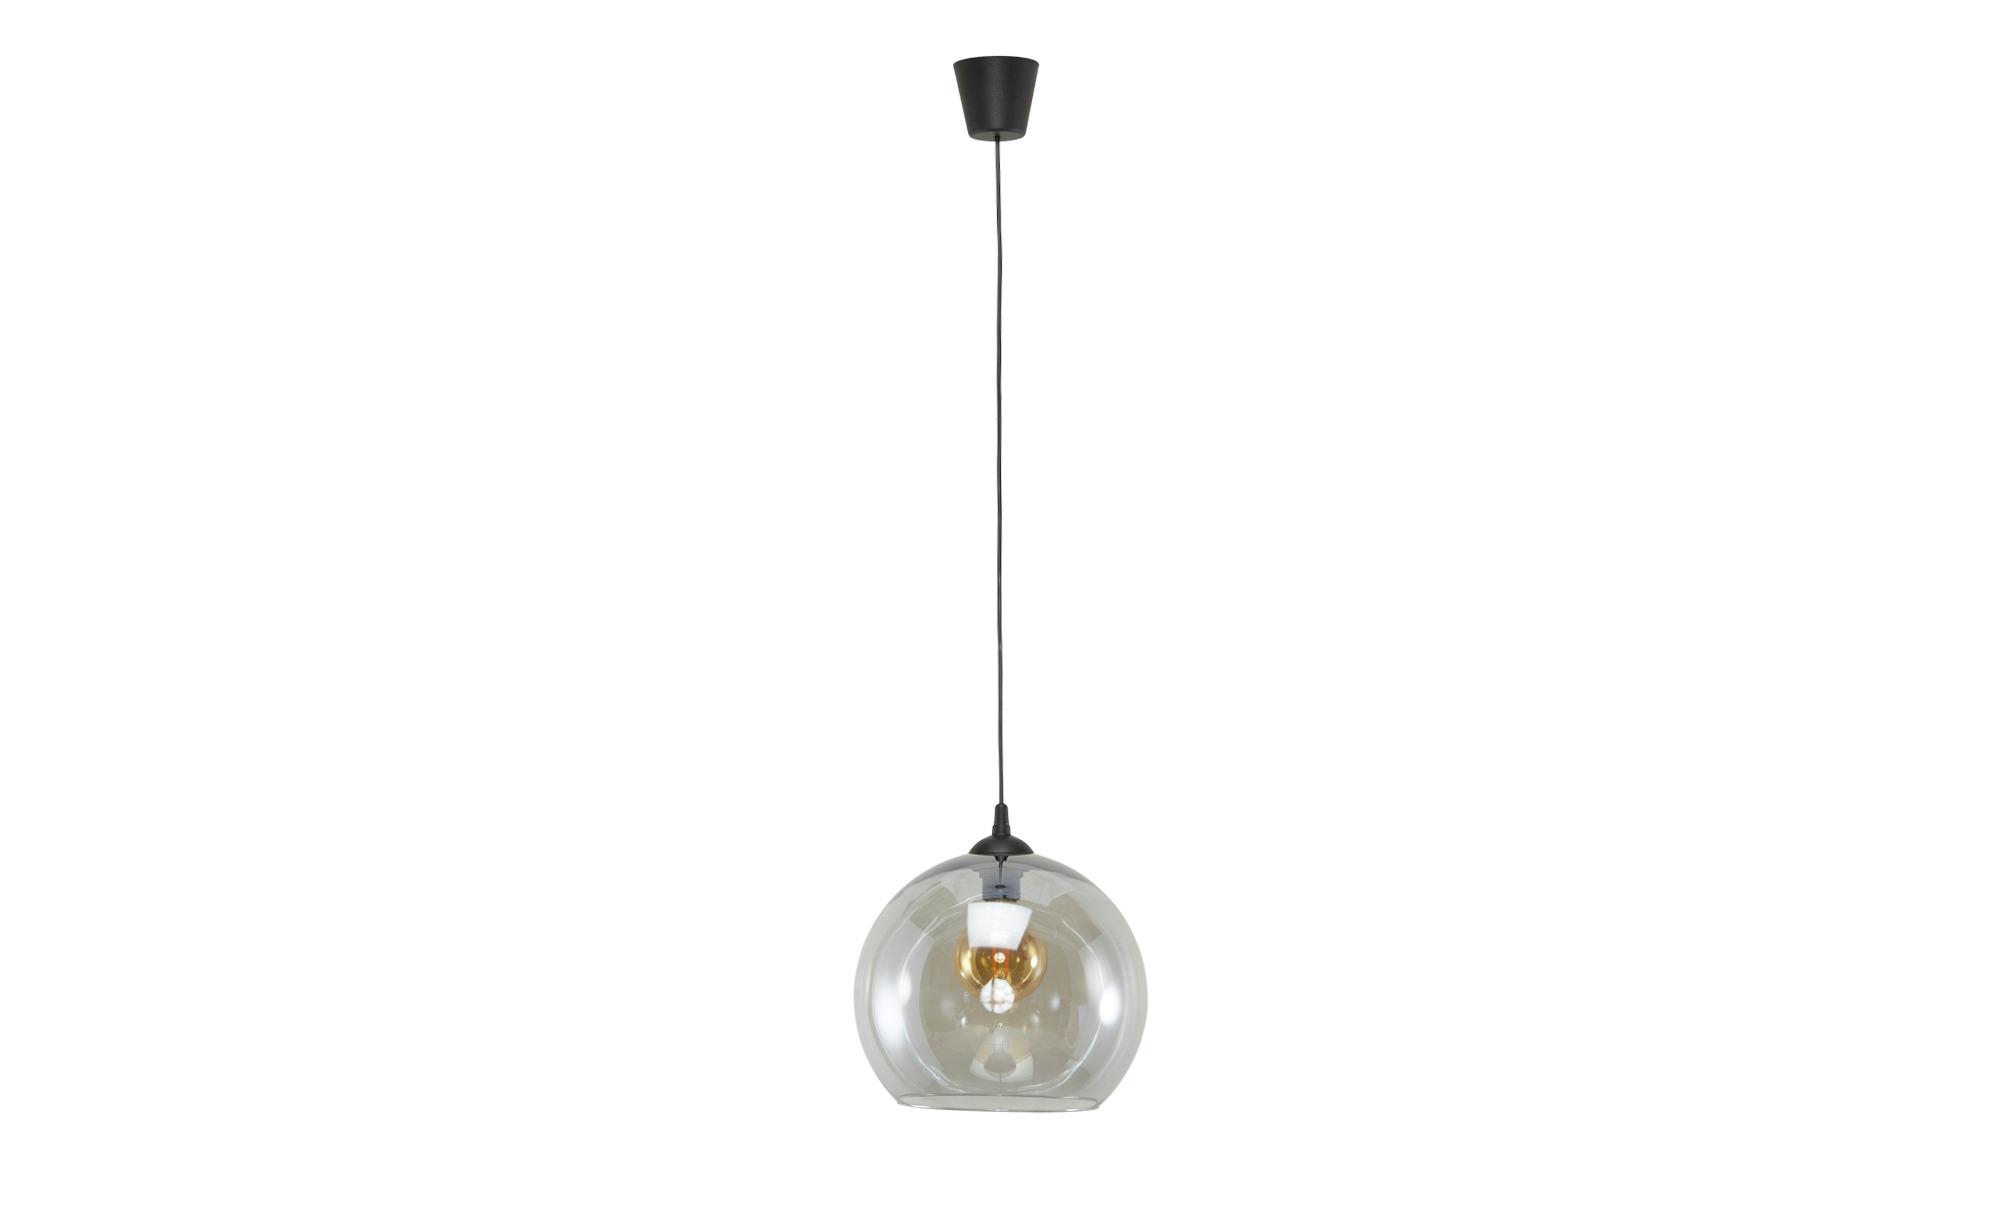 Pendelleuchte, 1-flammig, Glas graphitfarben ¦ grau ¦ Maße (cm): H: 120 Ø: 30 Lampen & Leuchten > Innenleuchten > Pendelleuchten - Höffner